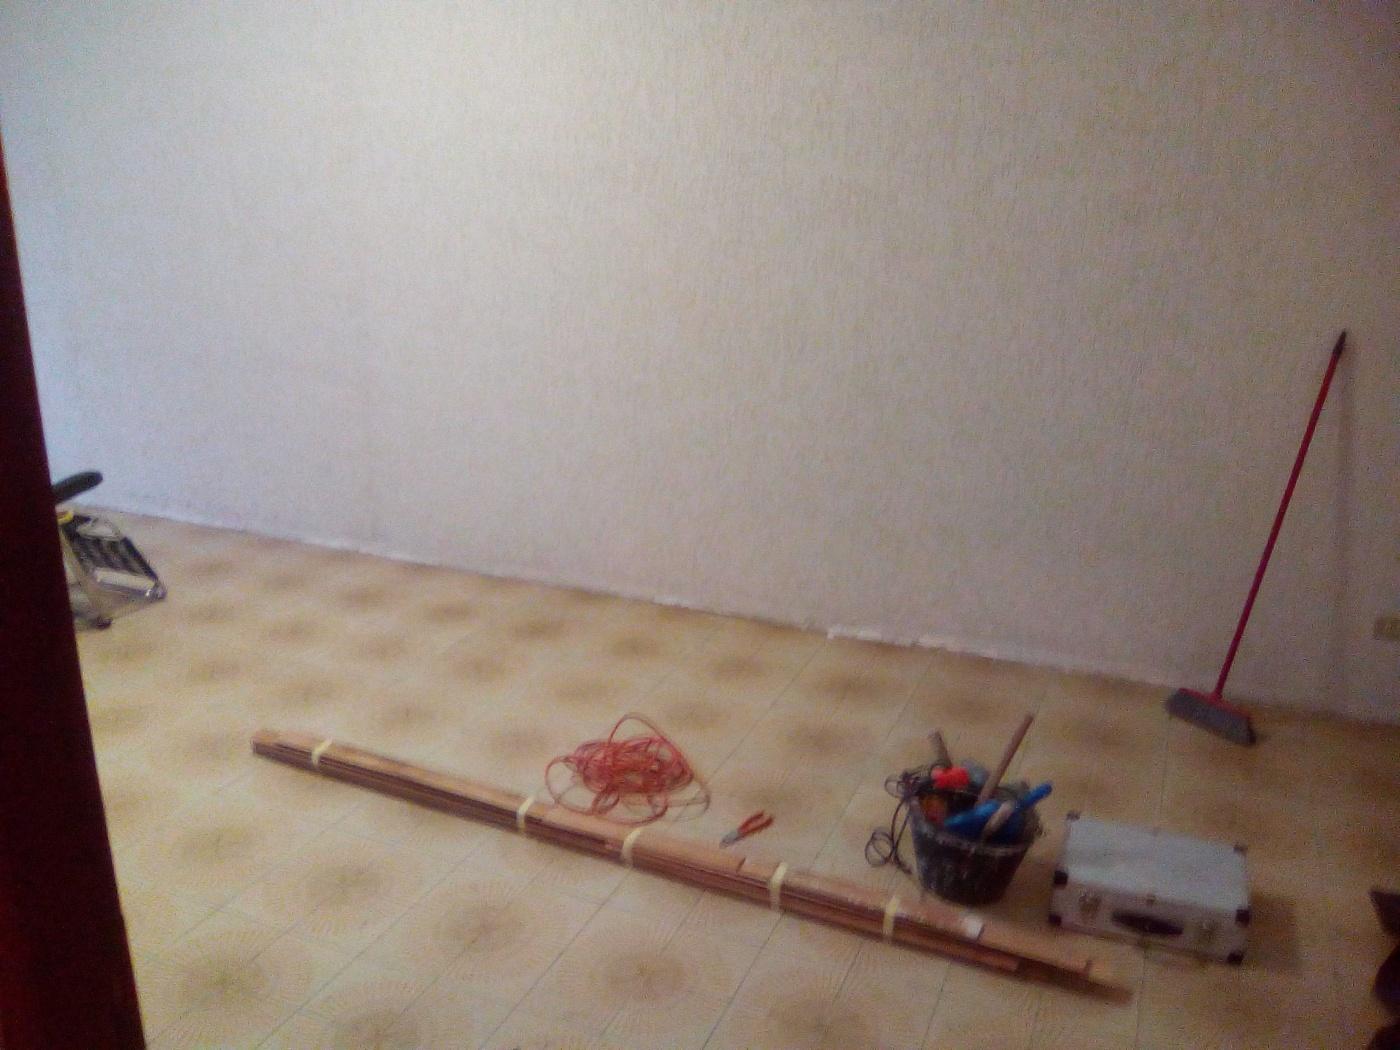 Quanto costa ristrutturare una casa vecchia a roma for Quanto costa una successione